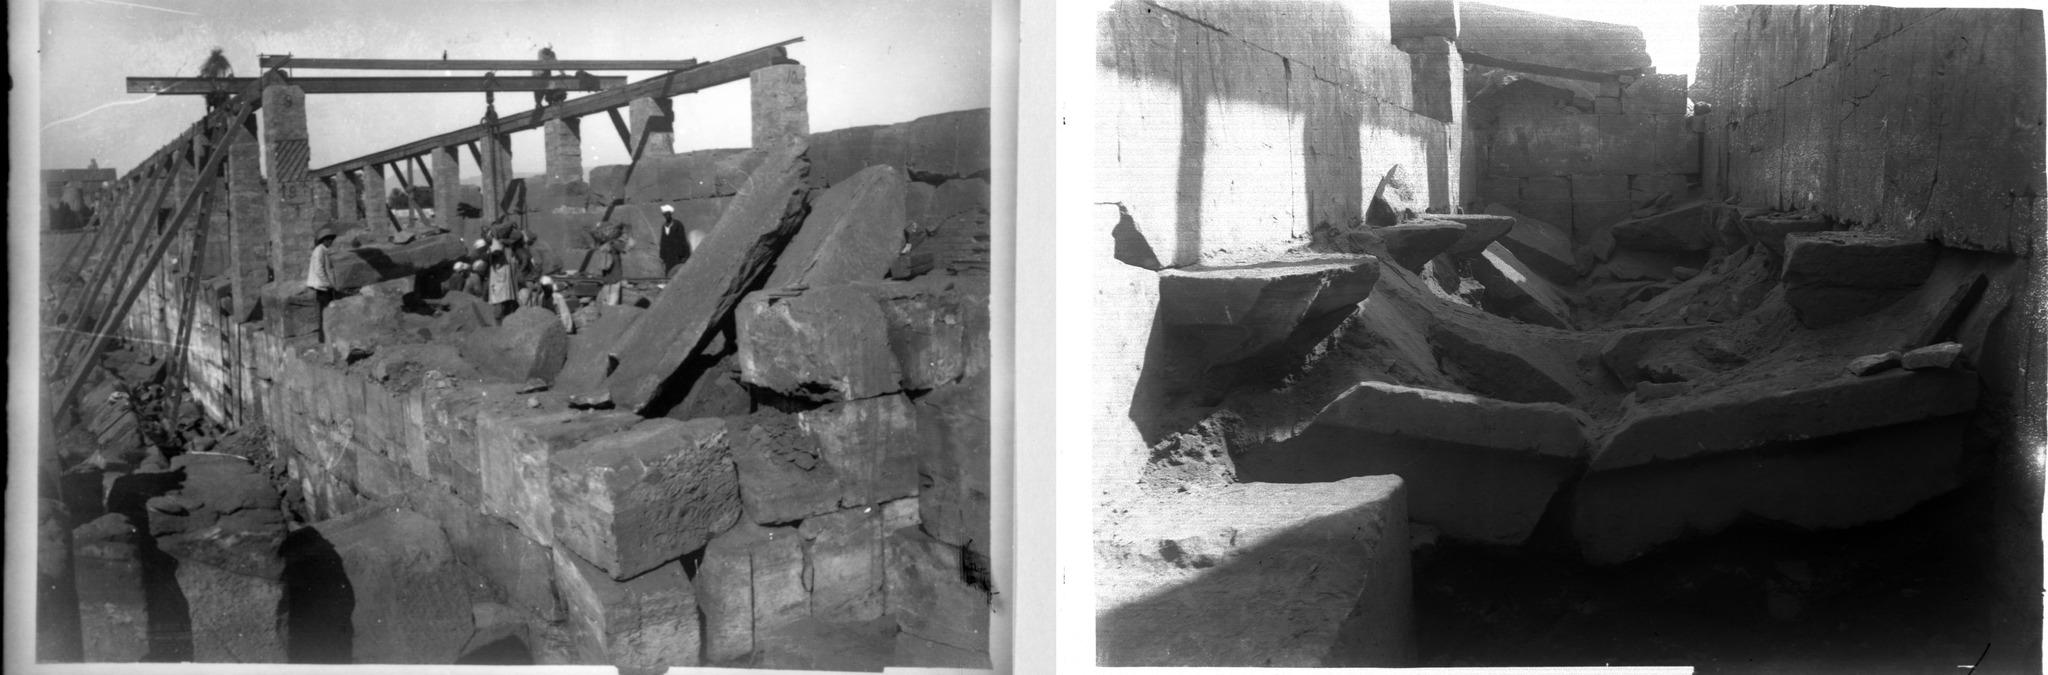 Cahiers de Karnak